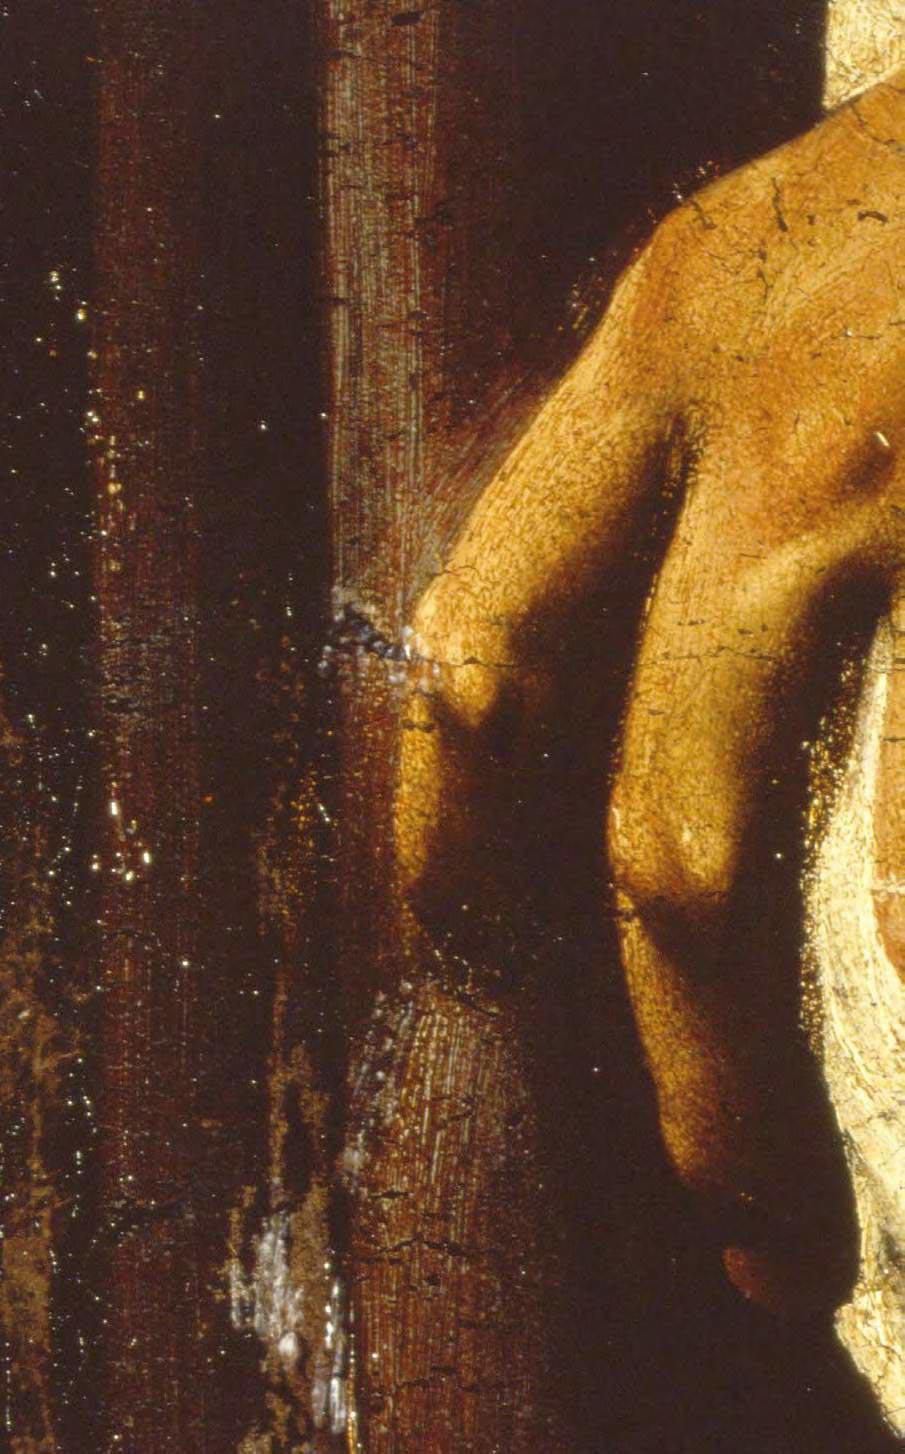 Dettaglio del dipinto con la mano sinistra del Cristo in cui sono visibili l'uso della preparazione a vista che riaffiora, l'uso di abbozzi a pennello, aggiustamenti posteriori